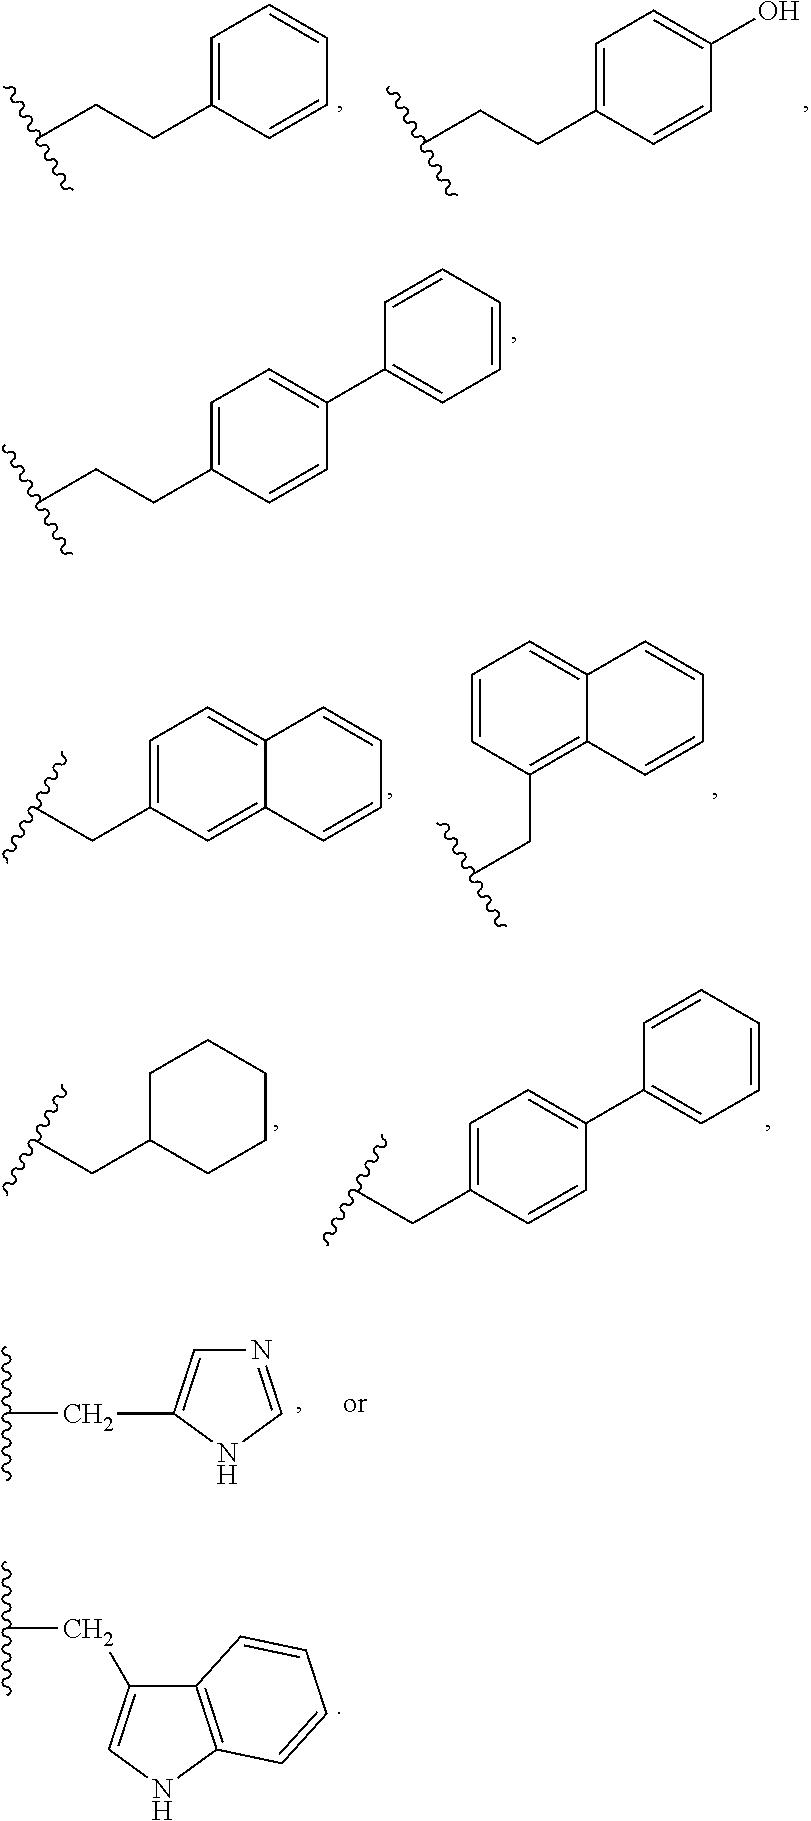 Figure US20110256157A1-20111020-C00052